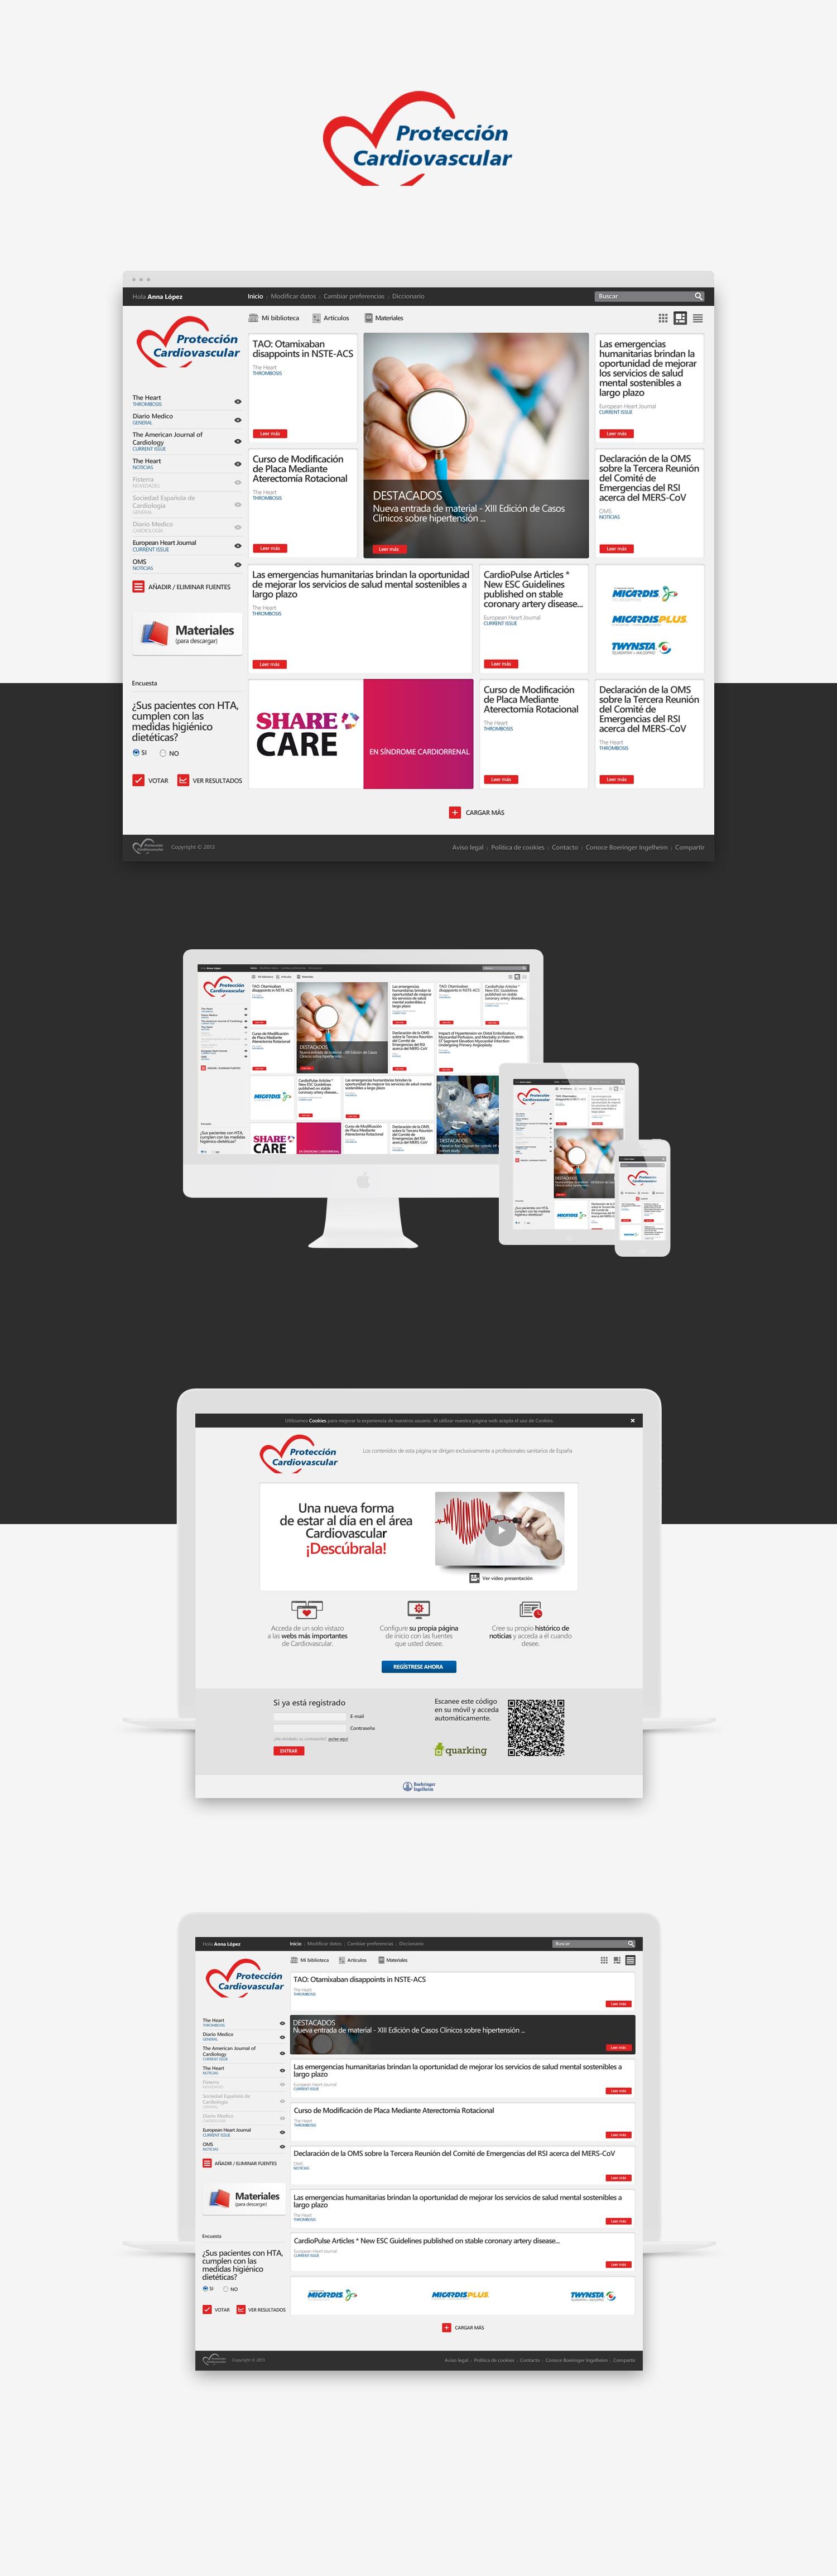 Diseñador web responsive · Protección cardiovascular · Samuel Matito · diseñador freelance